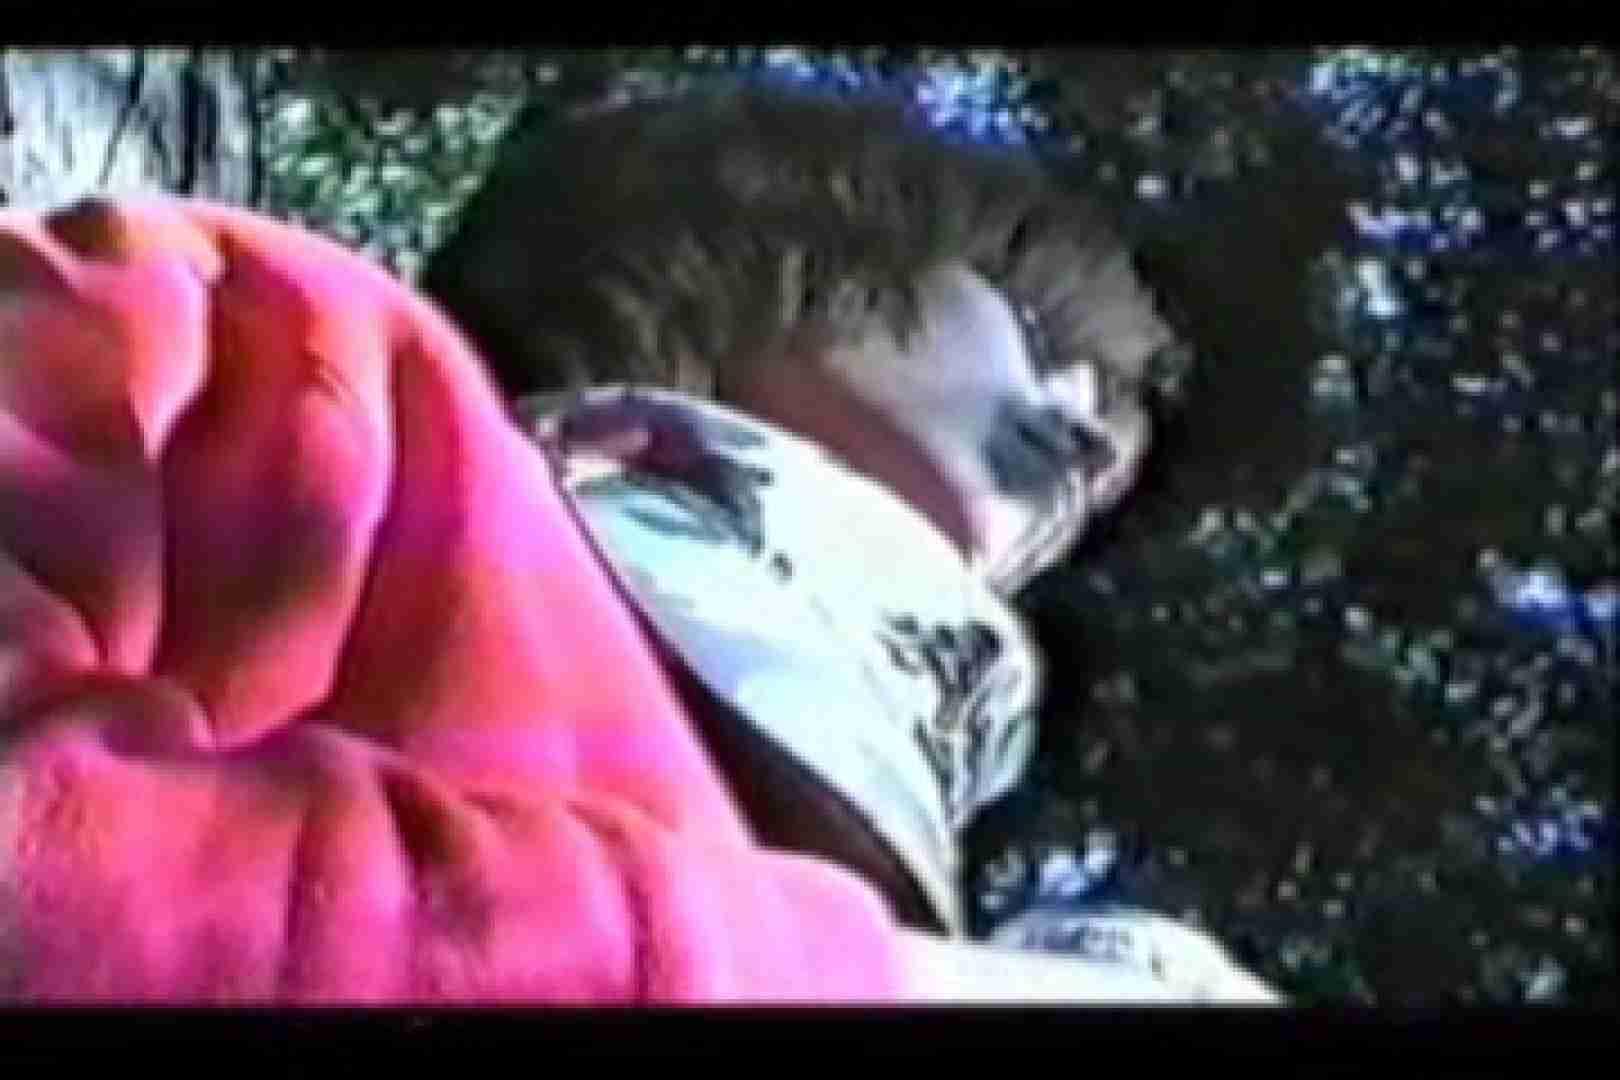 オールドゲイシリーズ  美少年ひかるのオープンファック 仰天アナル ゲイAV画像 46pic 6